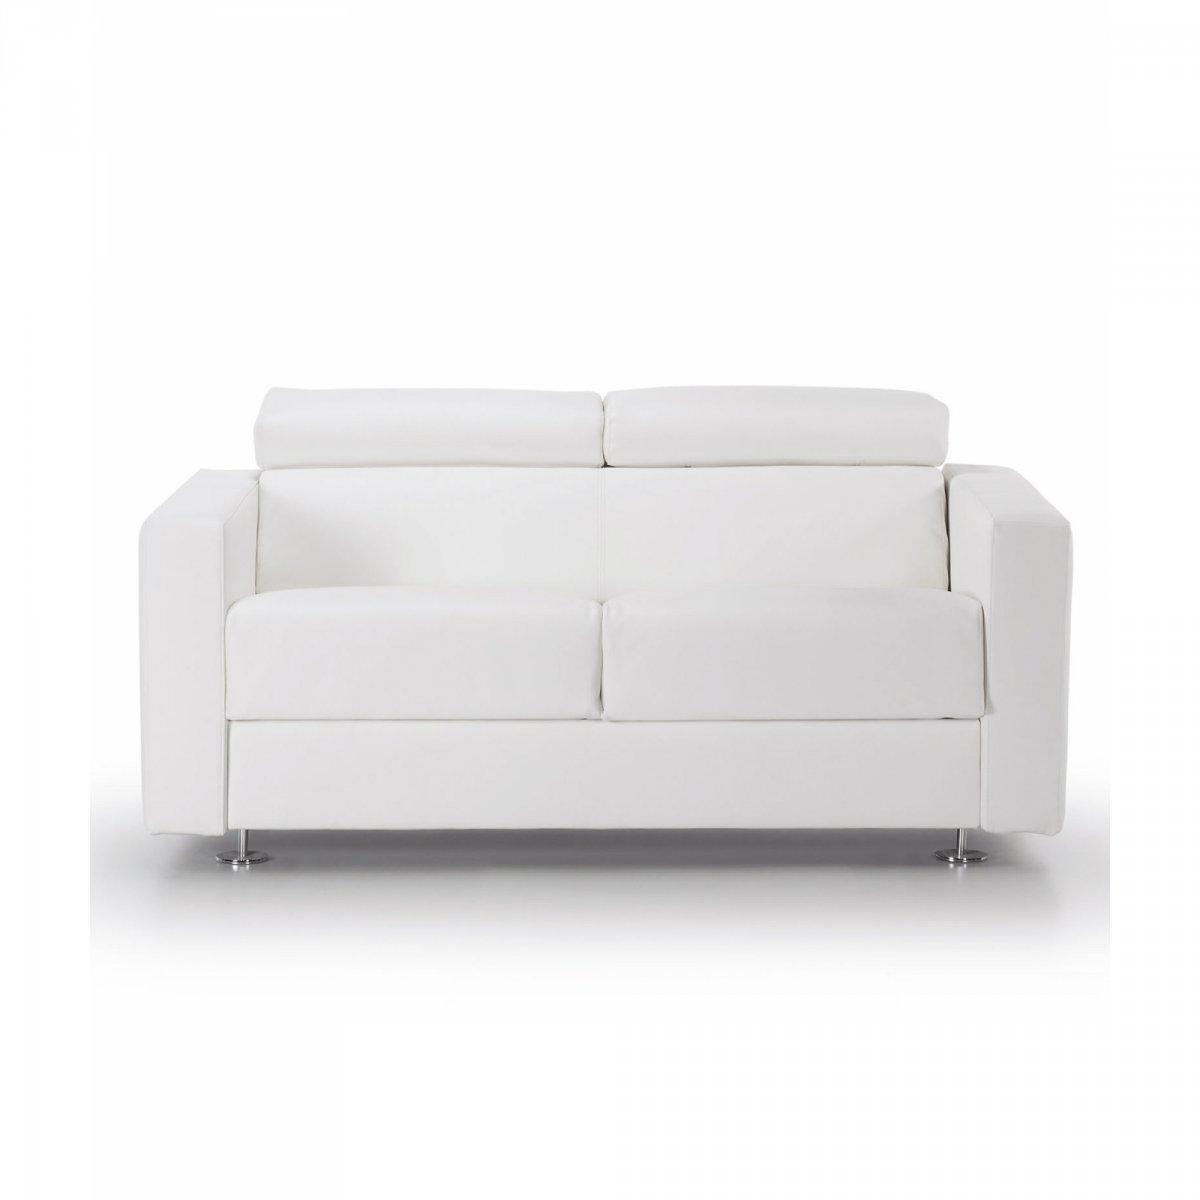 La forma queen divano letto 140 t ecopelle la for Divano queen